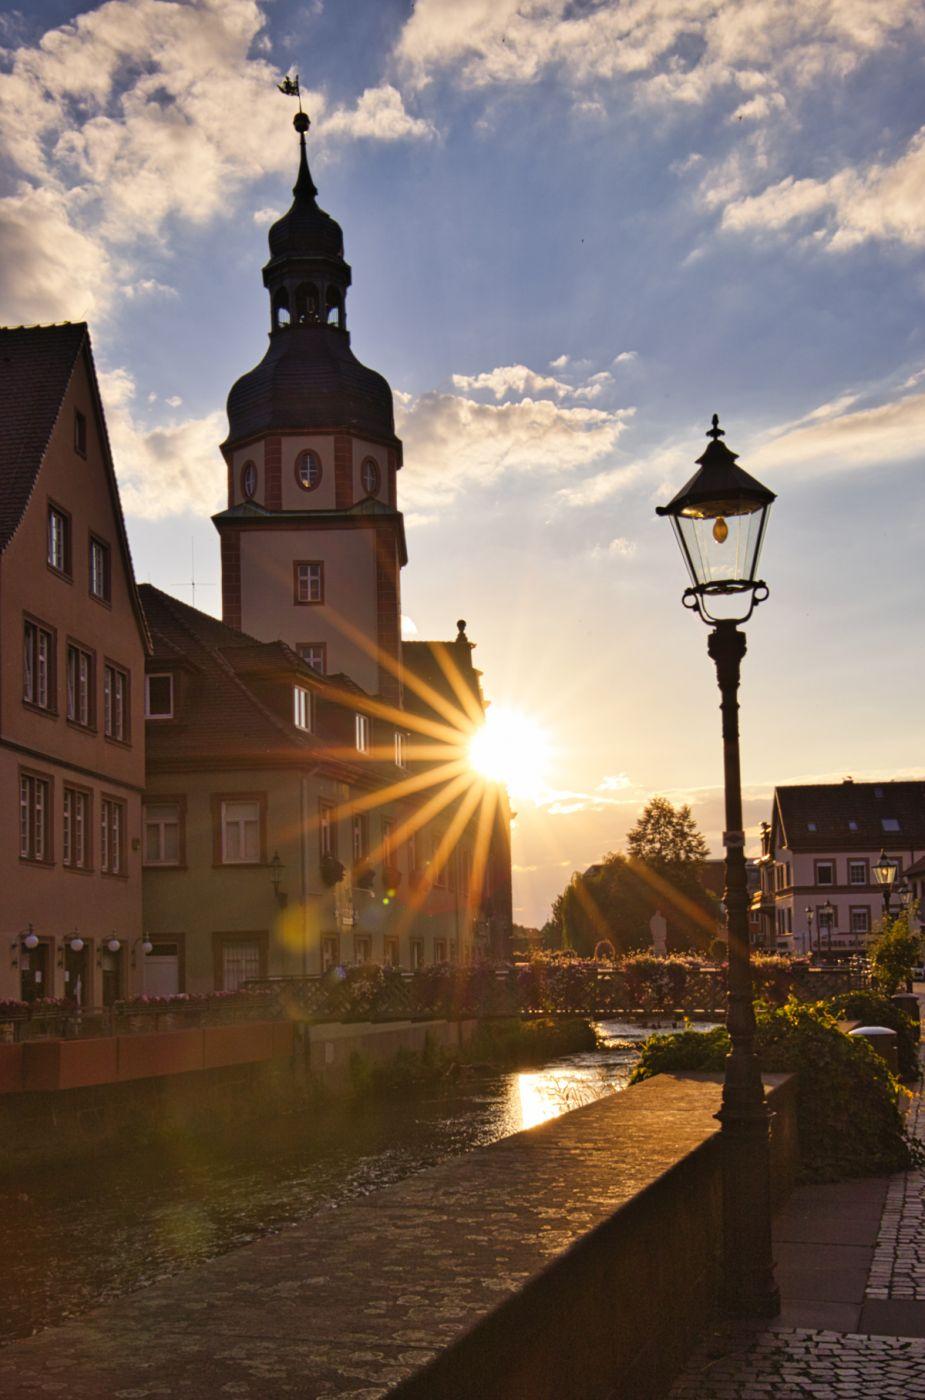 Altstadt Ettlingen, Germany